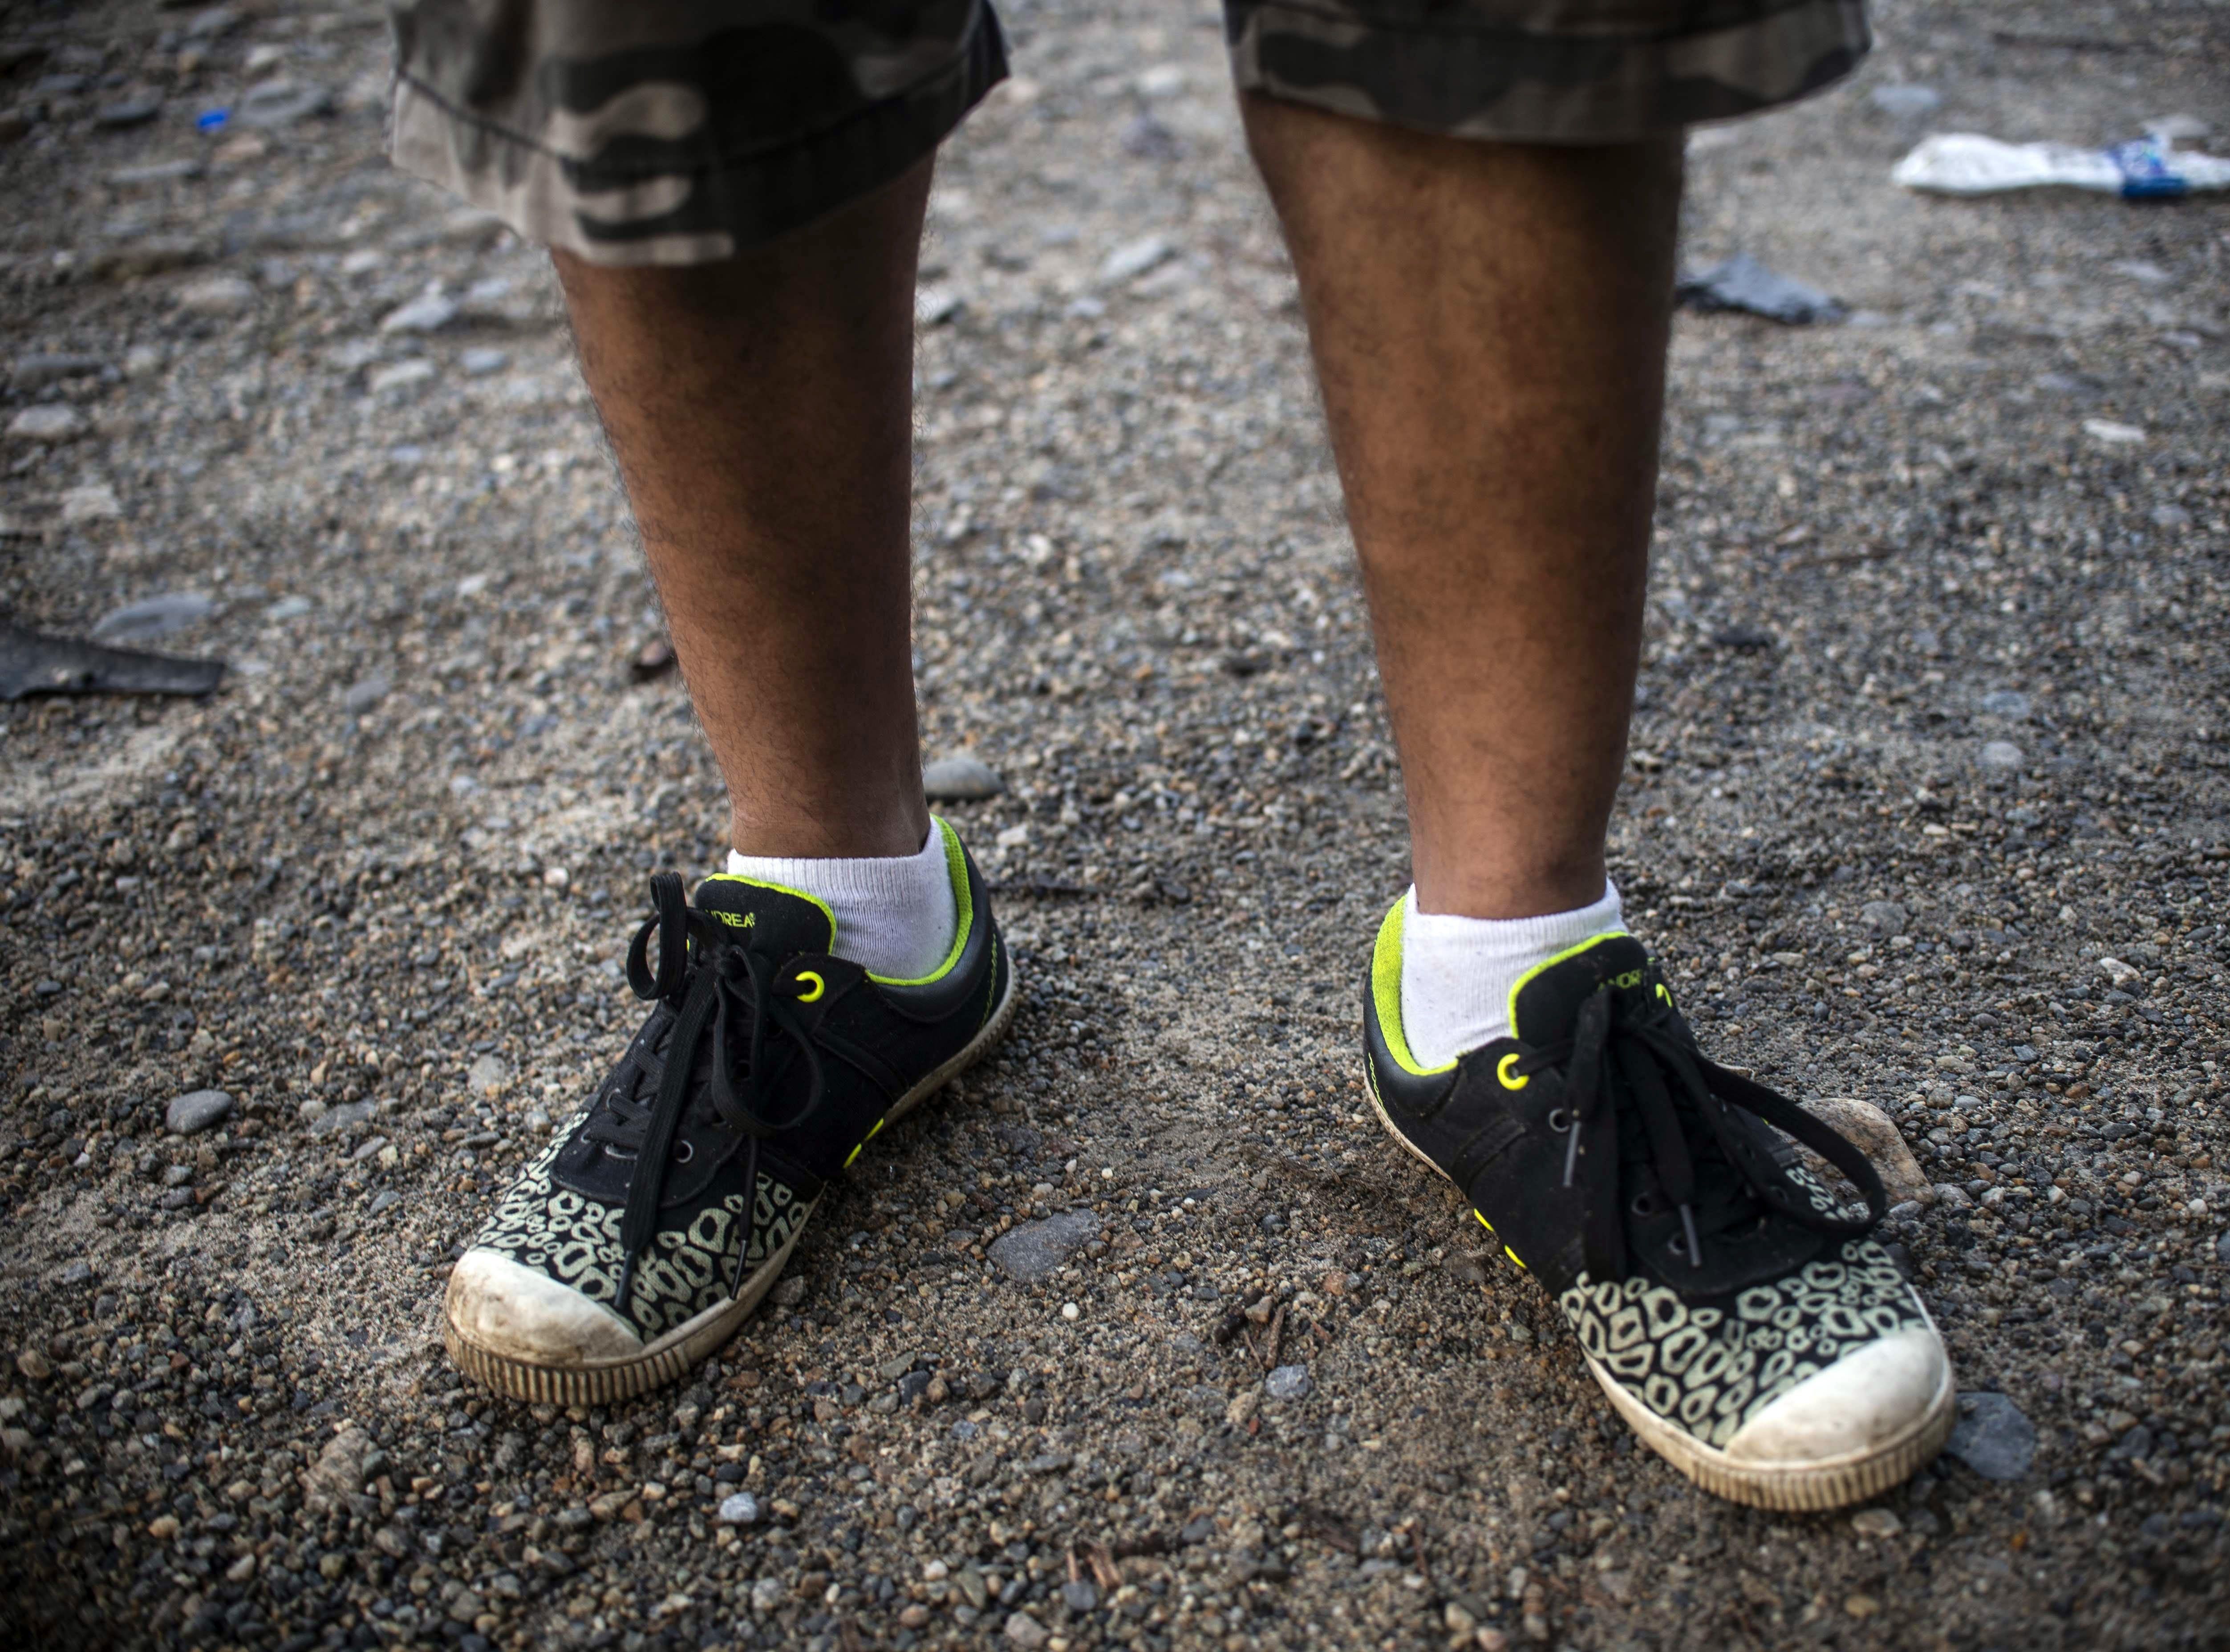 Jorge Pérez recorre junto con la caravana calzando estos viejos tenis. Estos son los rostros de los migrantes centroamericanos que huyen de la pobreza y violencia que se vive en sus países; y que por medio de una caravana caminan cientos de kilómetros cruzando ciudades, ríos, carreteras, bosques y fronteras, con el firme propósito de hacer realidad su sueño de llegar a los Estados Unidos.